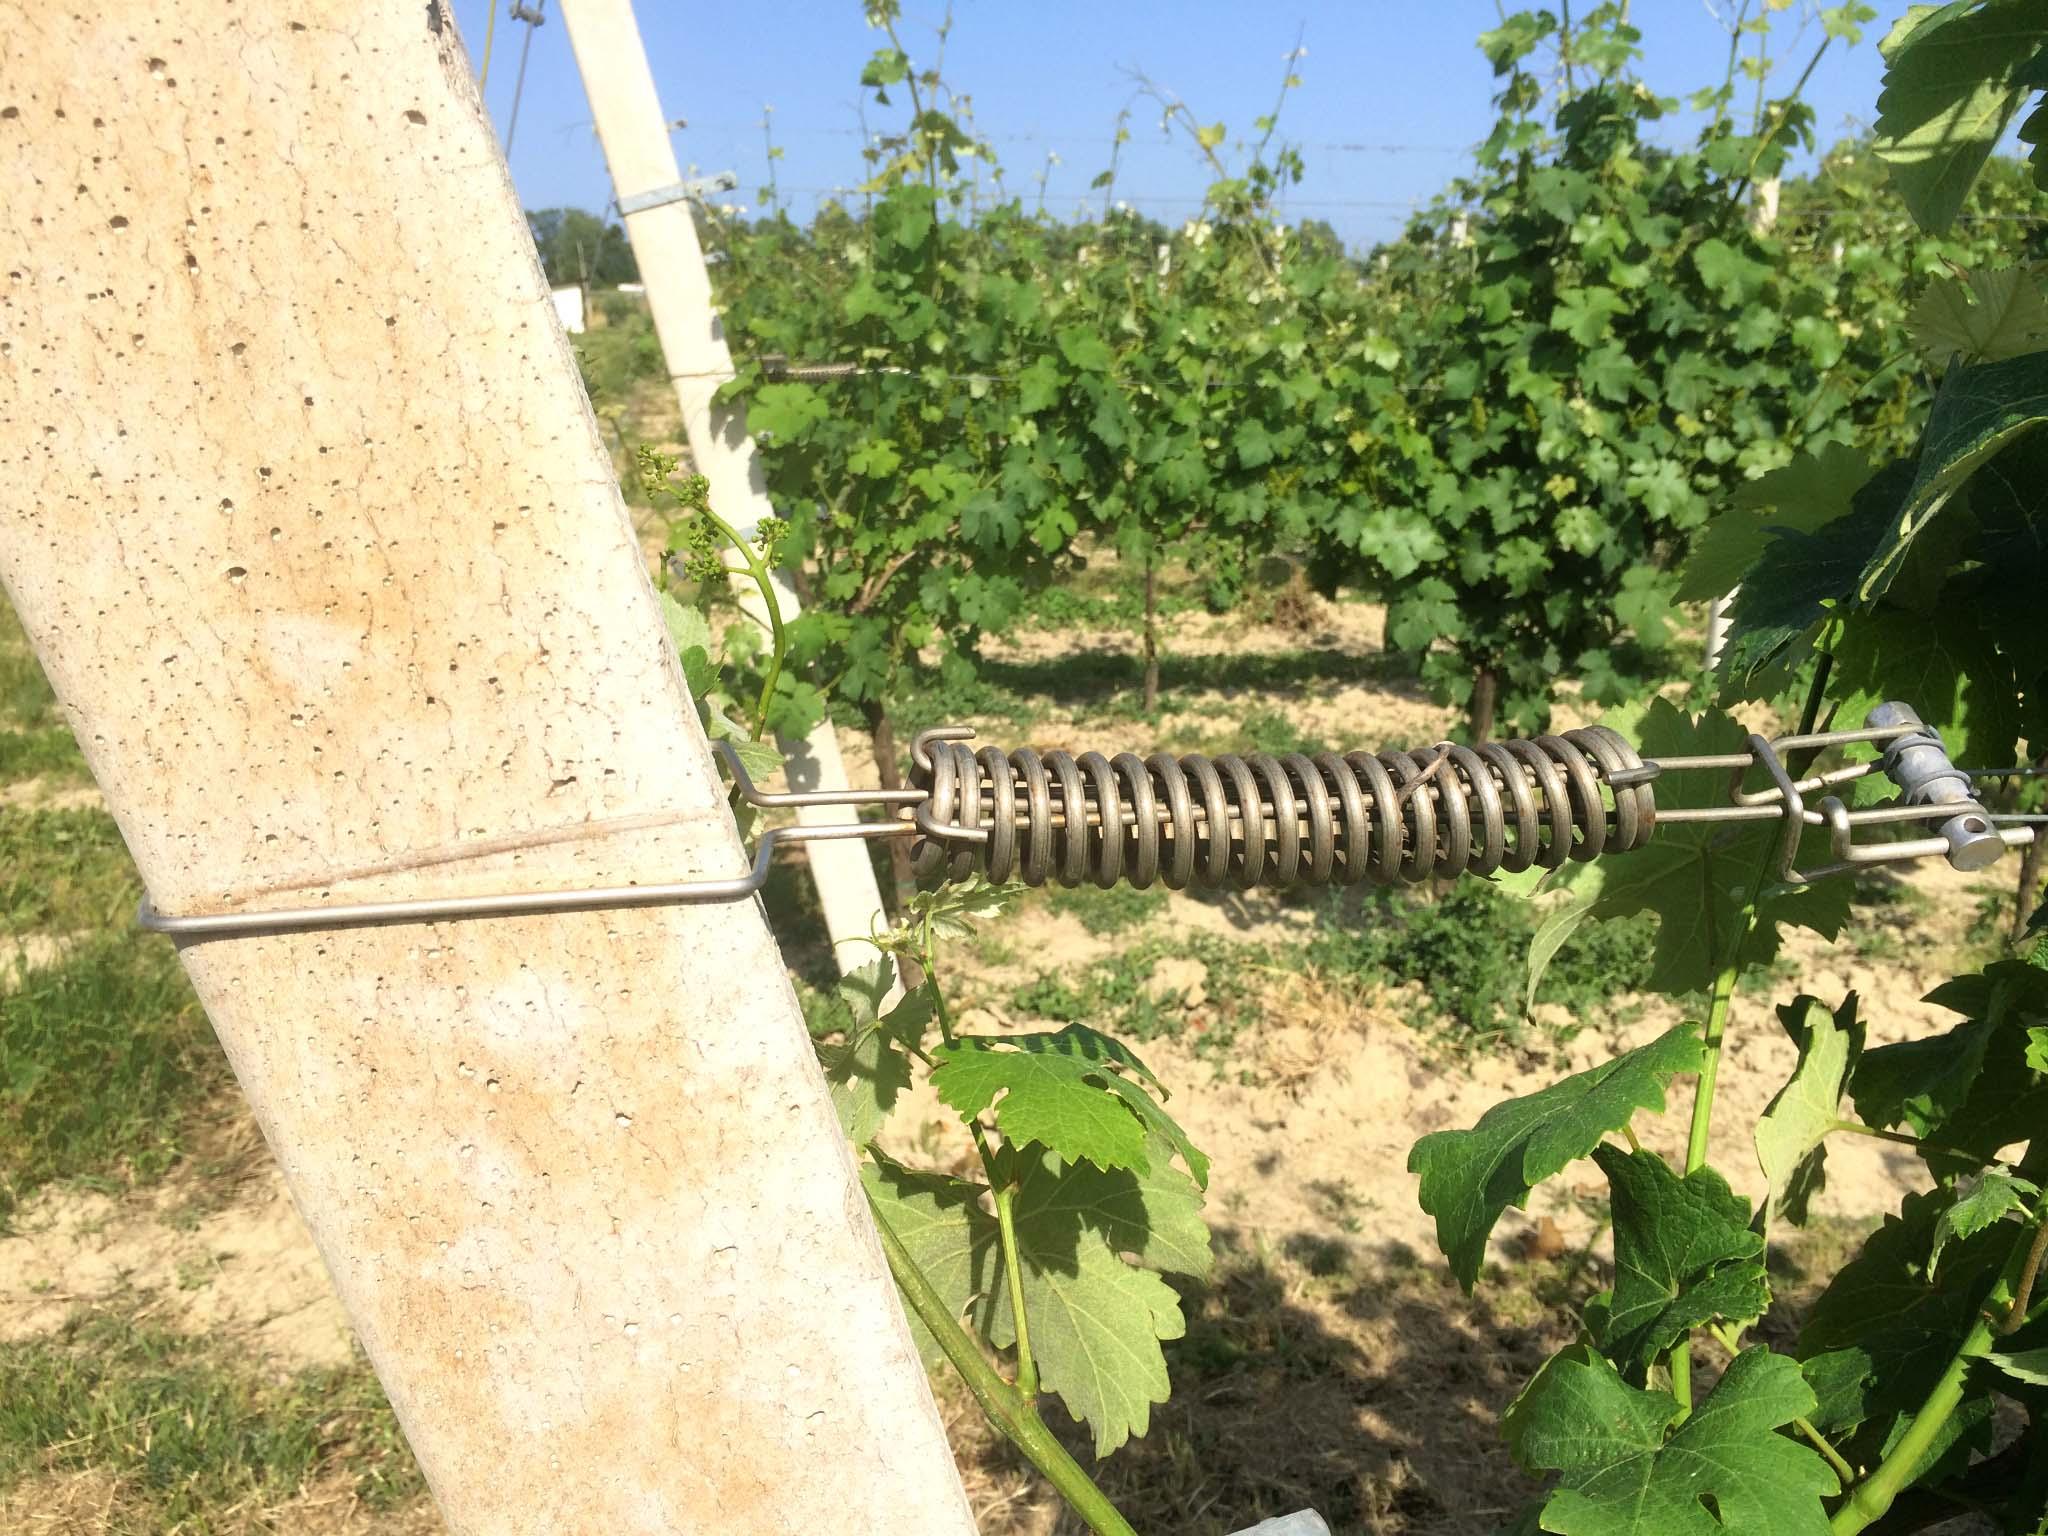 Ammortizzatore per pali in cemento precompresso con rullino corto